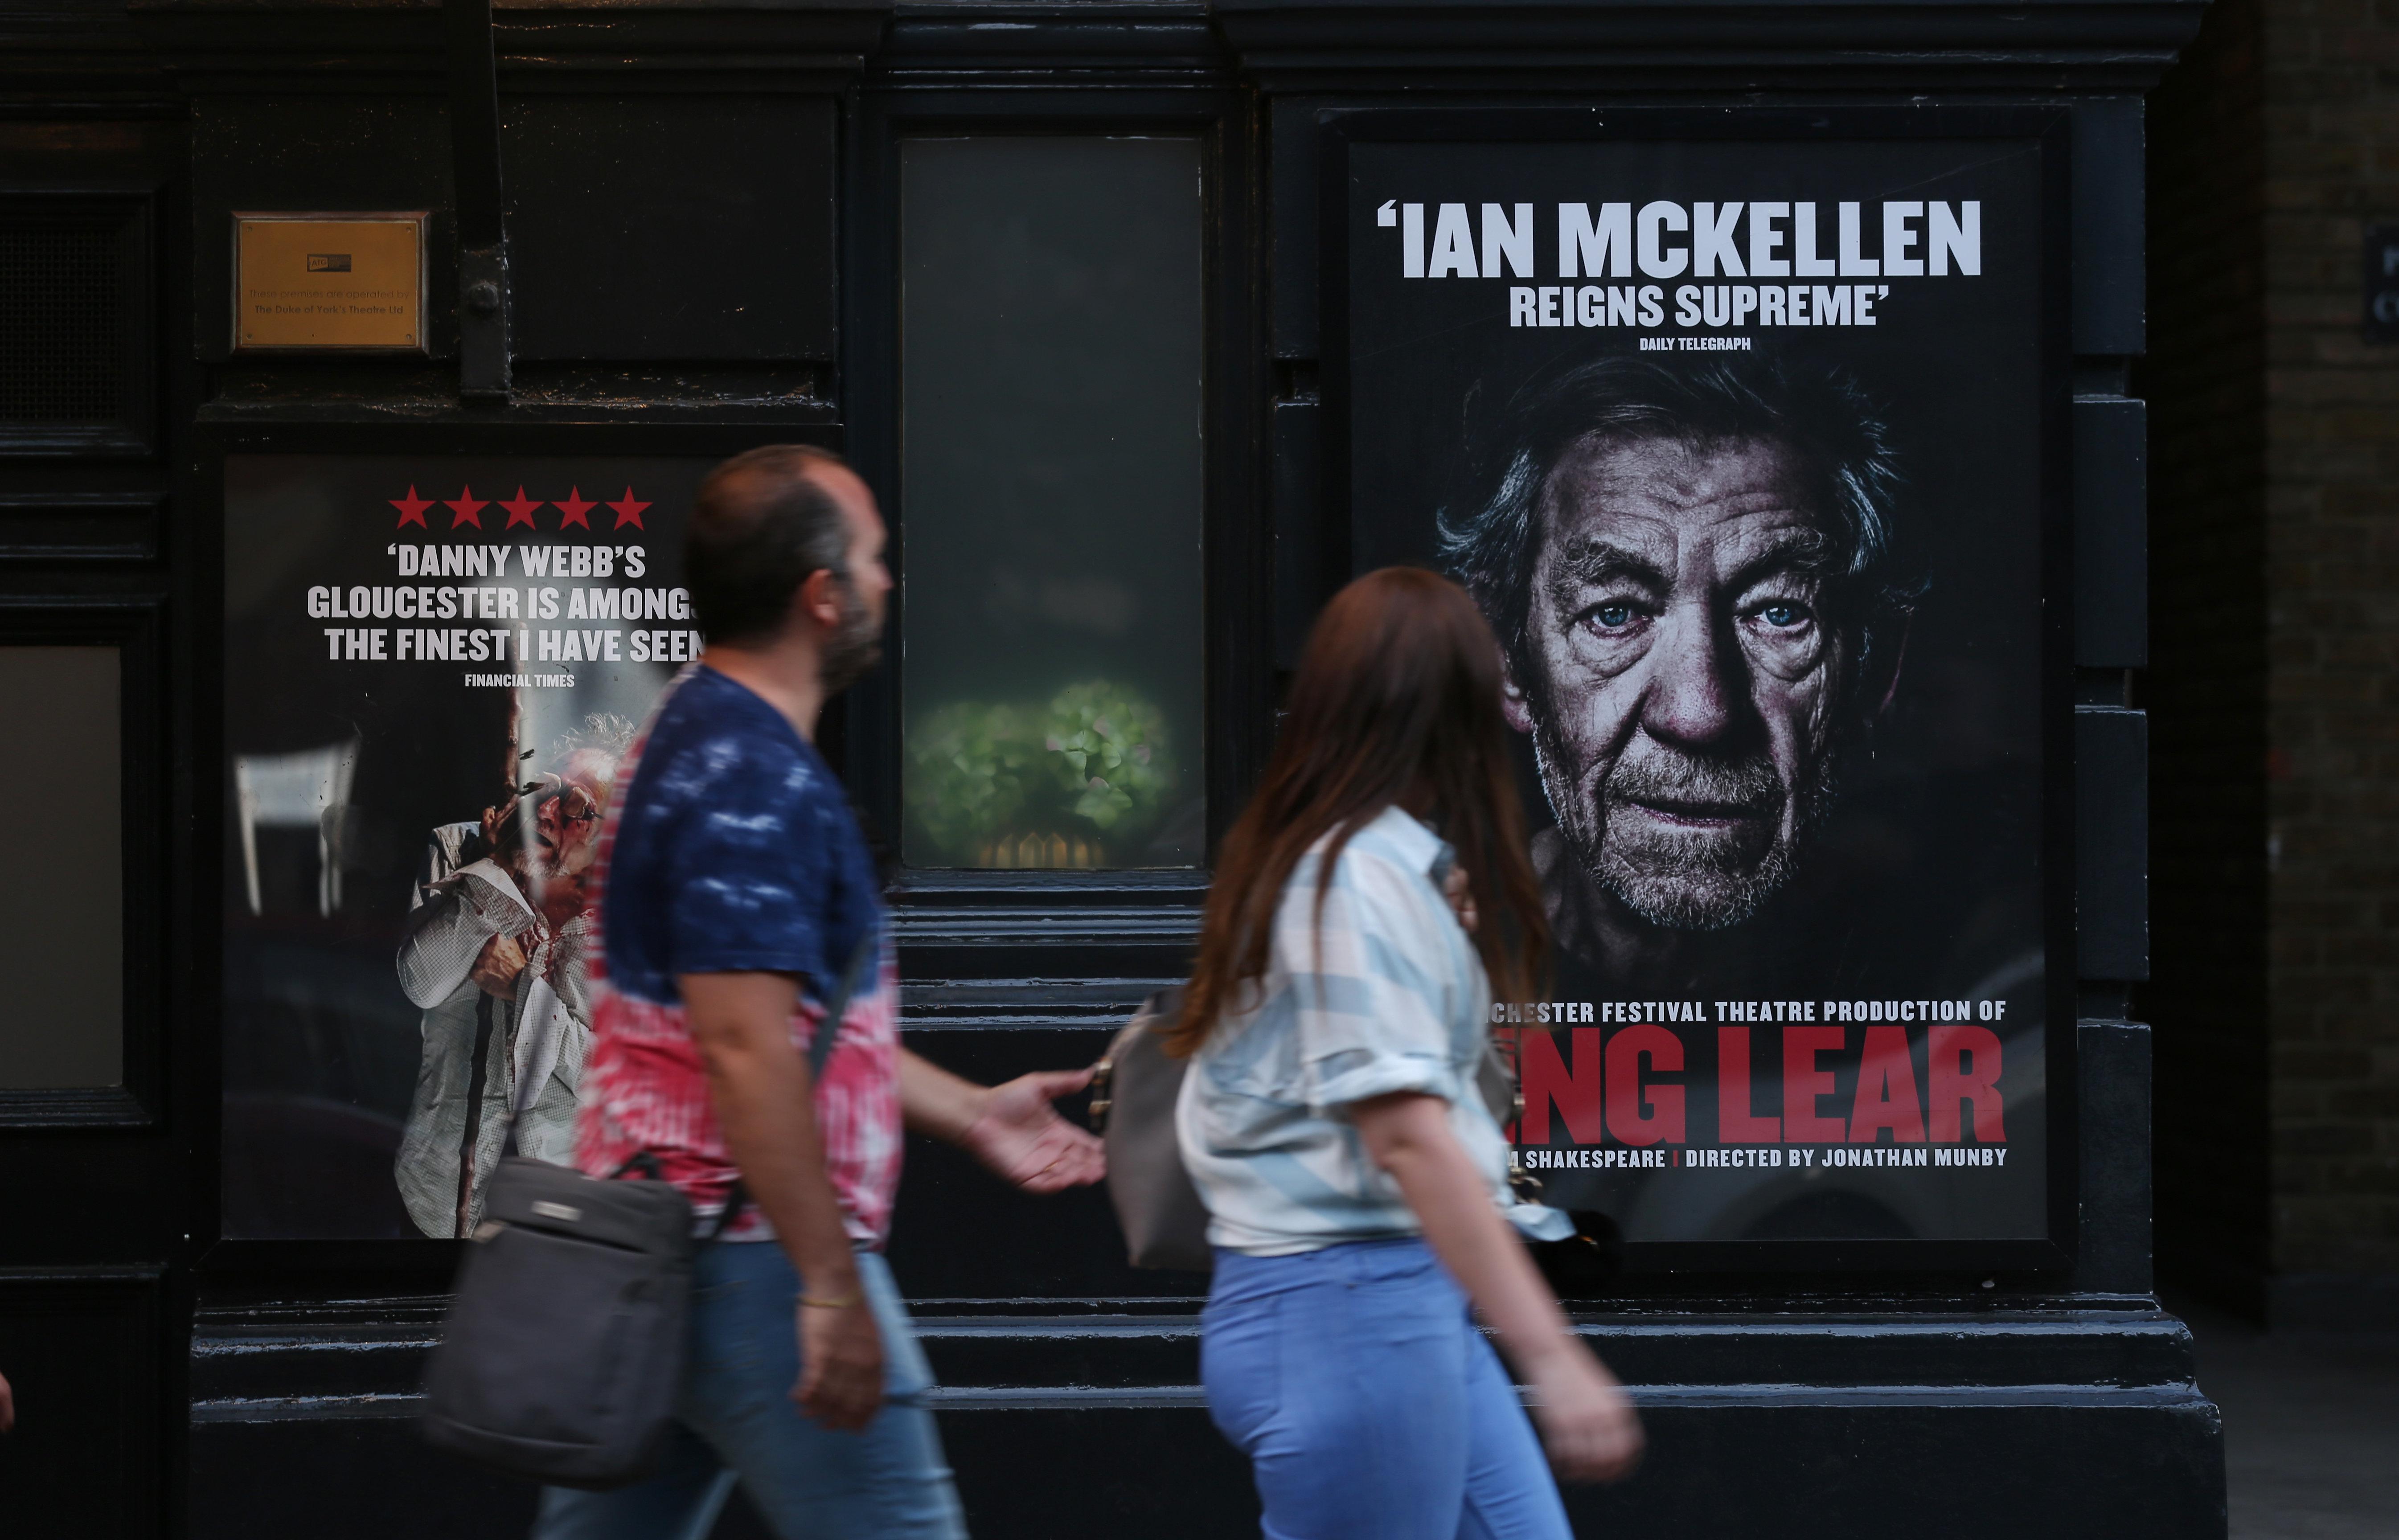 Θέατρο στο Μέγαρο: Ο σταρ Ιαν ΜακΚέλεν στον σαιξπηρικό «Βασιλιά